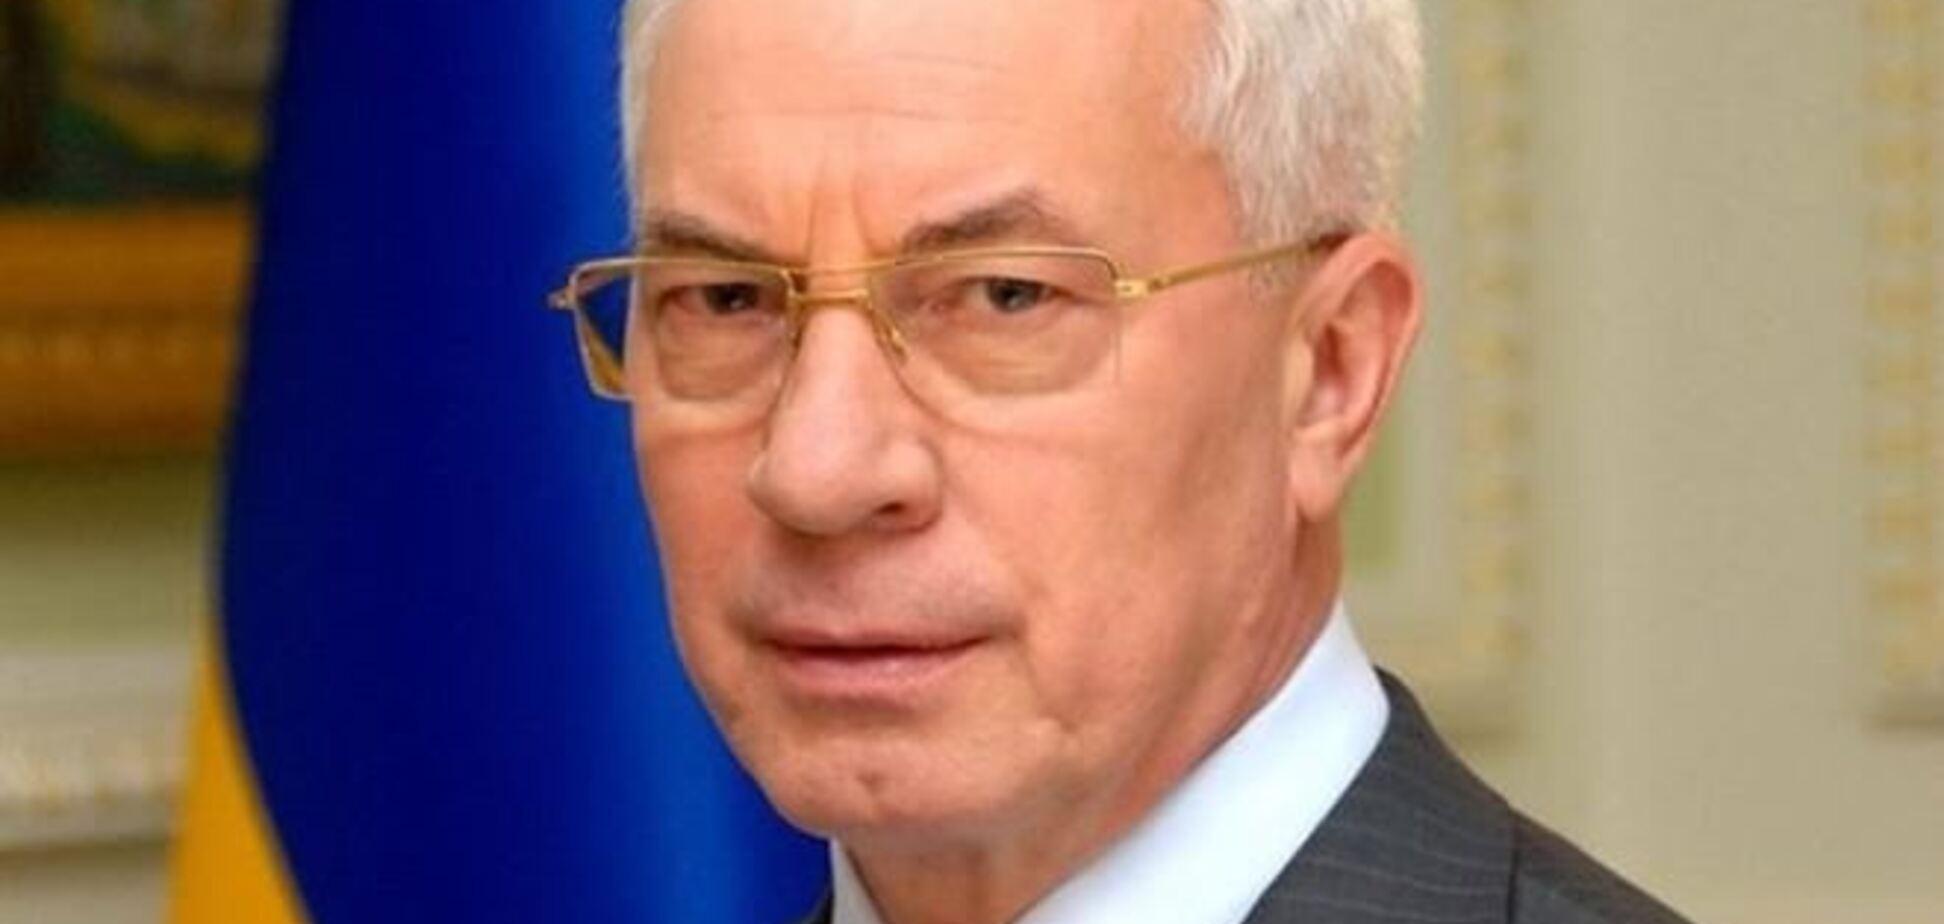 Азаров заявил, что ситуация в Украине напоминает государственный переворот